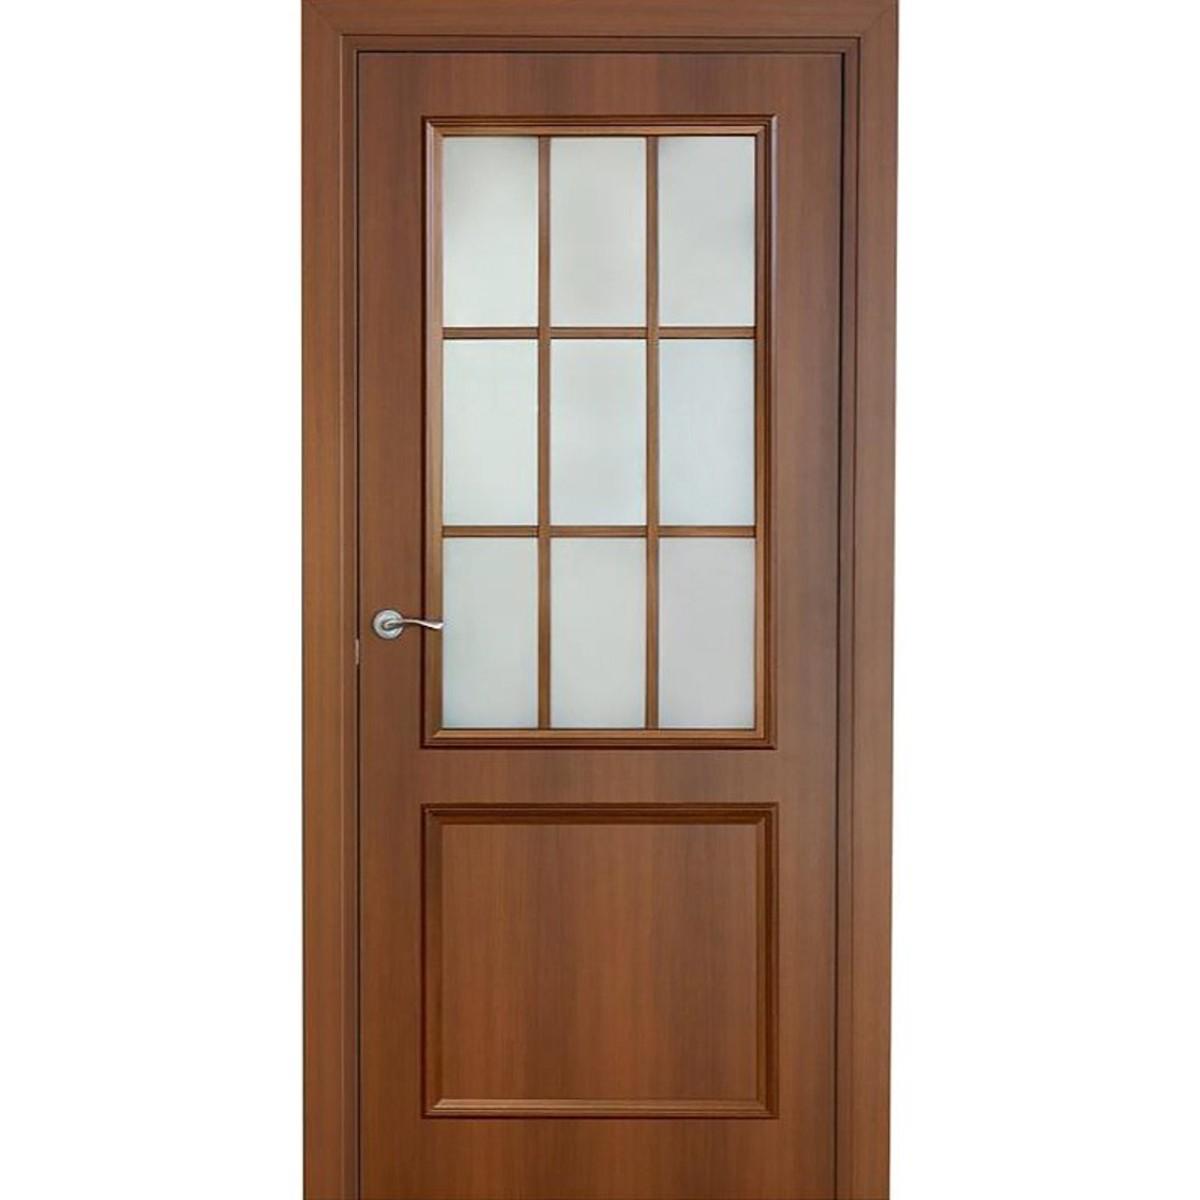 Дверь Межкомнатная Остеклённая Altro 90x200 Ламинация Цвет Орех